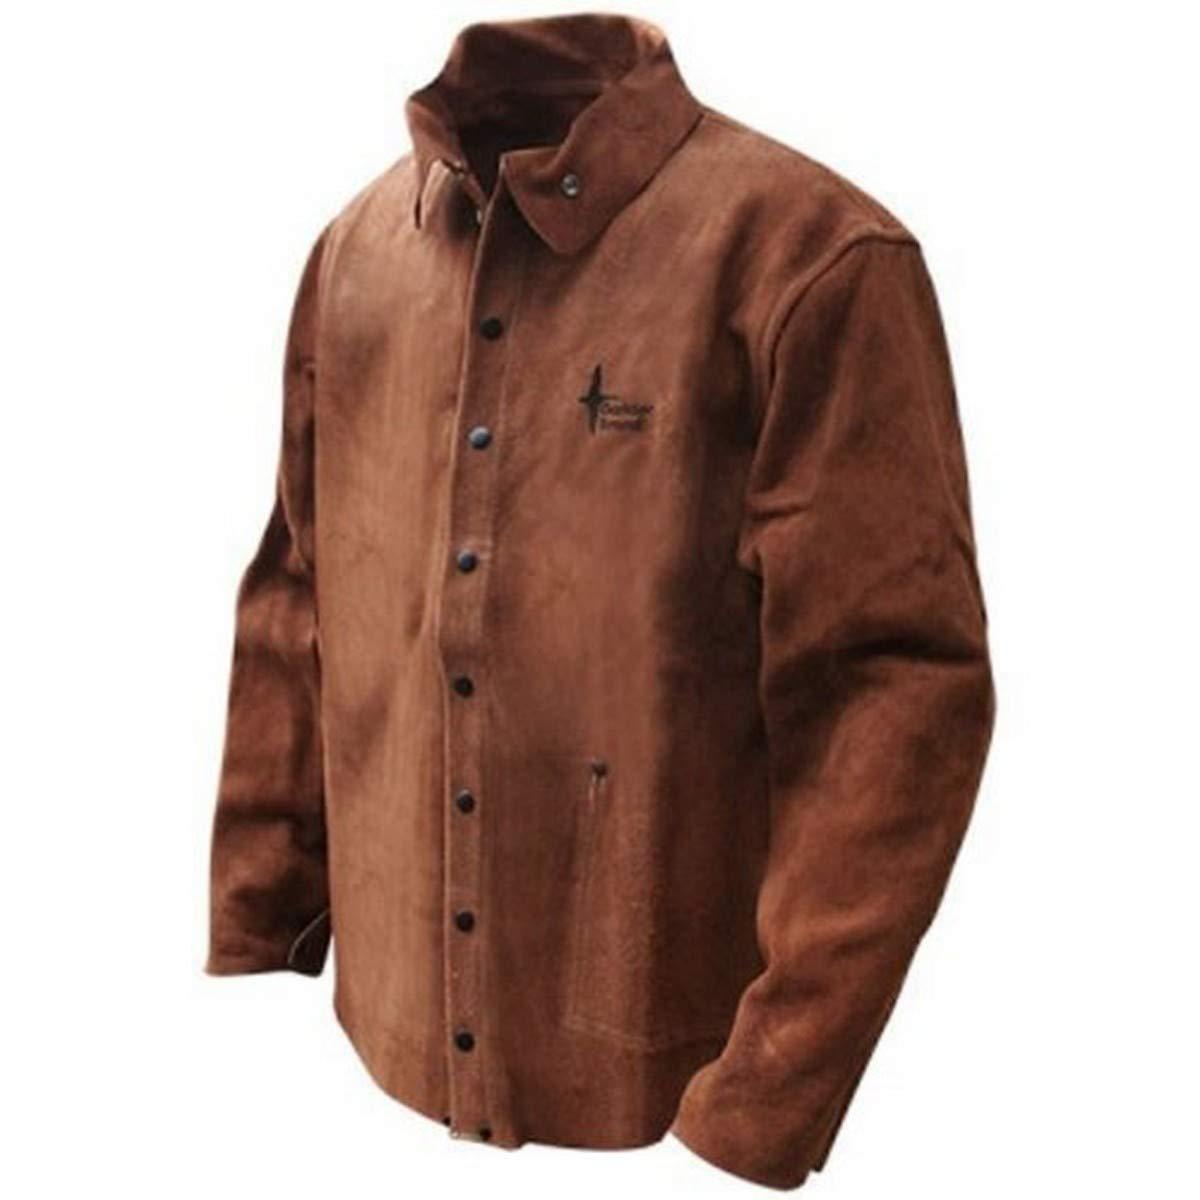 Bob Dale 60-1-126-M Premium Split Leather Cowhide Full Welders Jacket, Medium, Brown